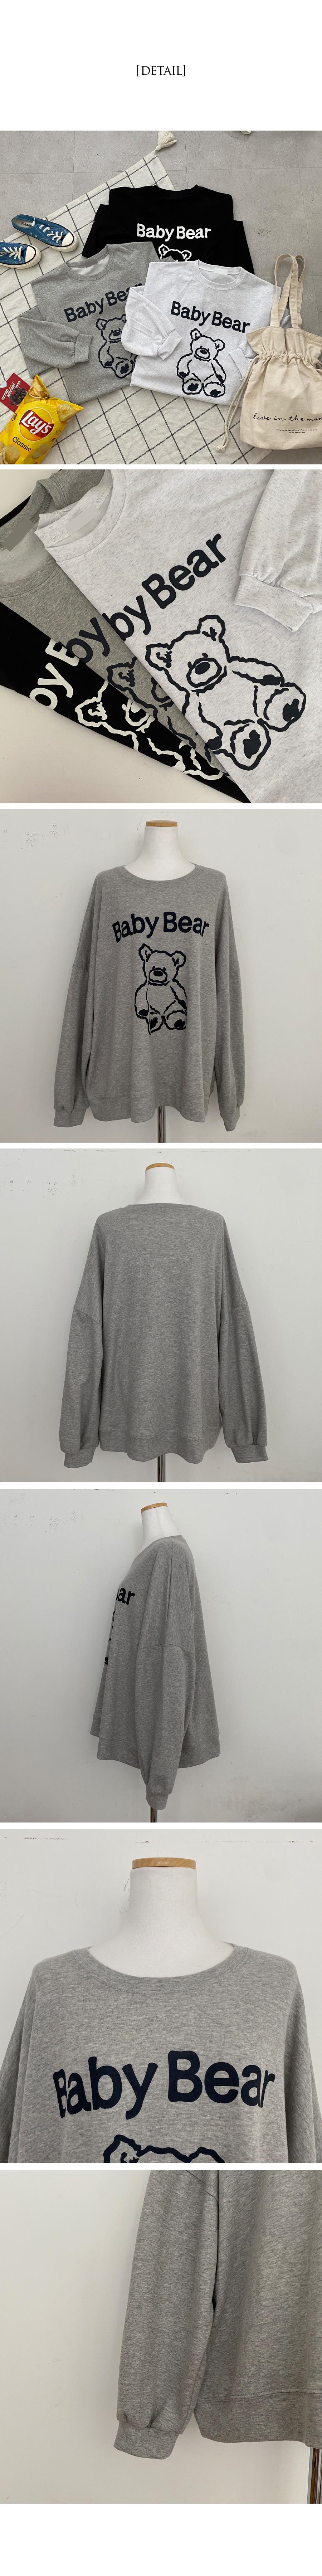 ベビーベアアバンピットスウェットシャツTシャツ